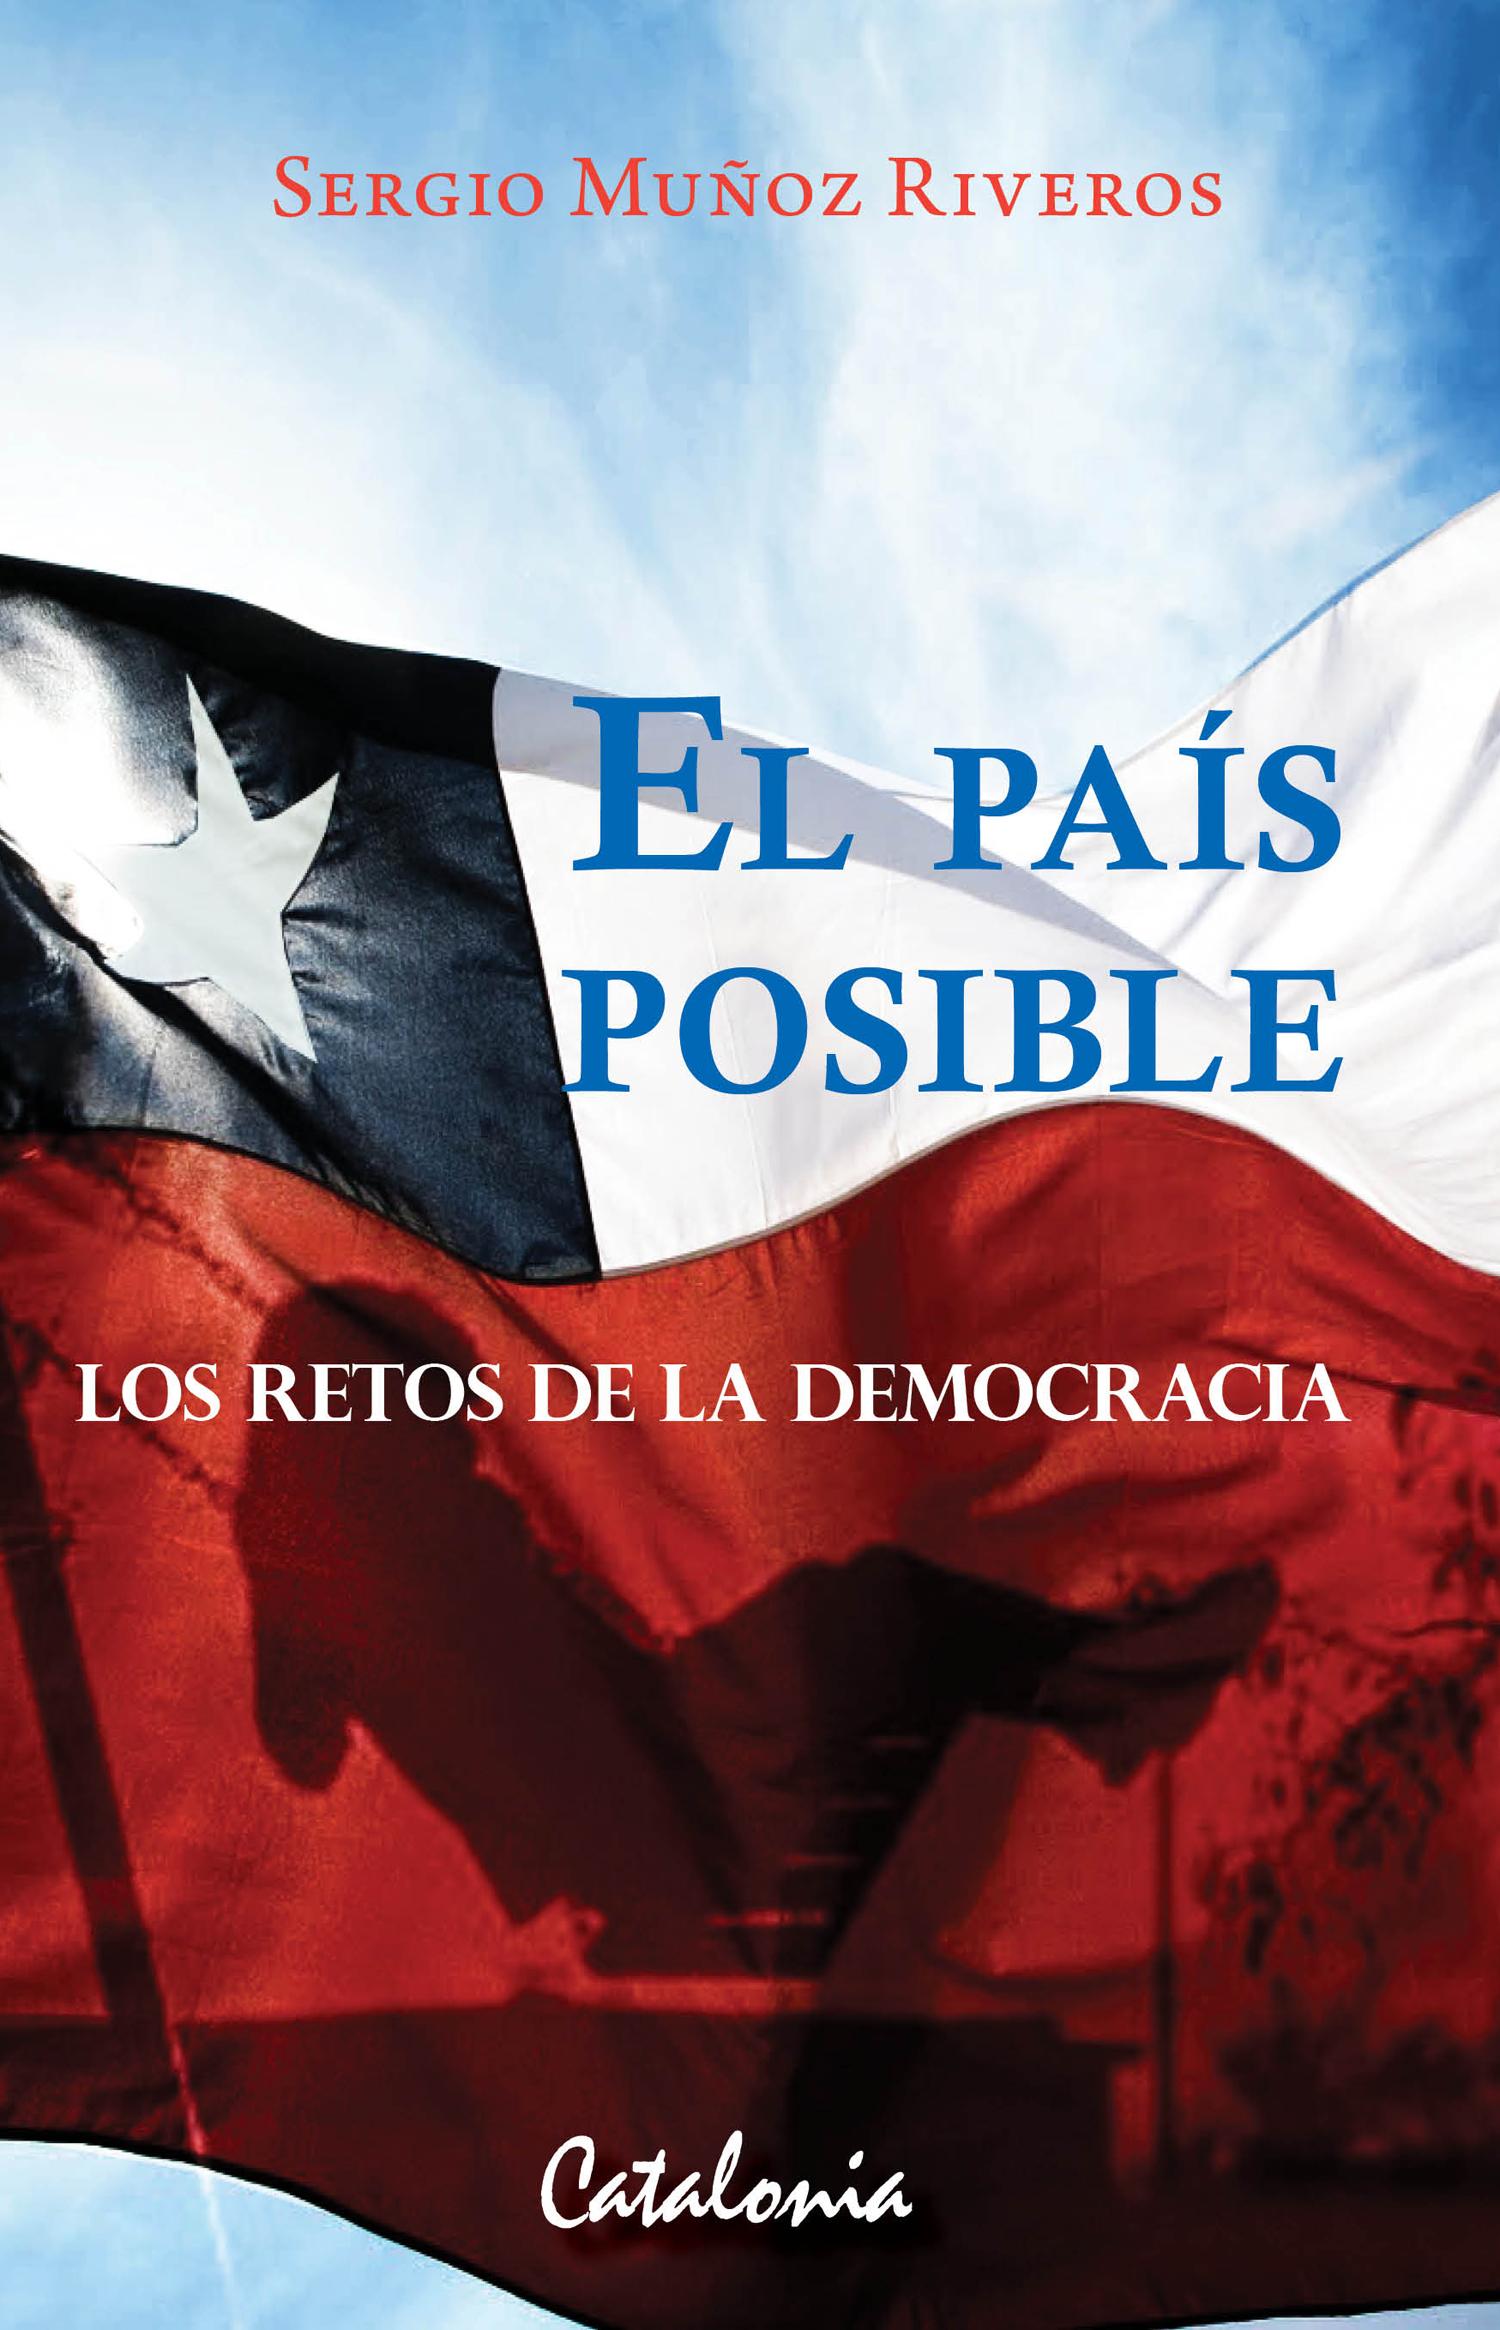 EL PAIS POSIBLE LOS RETOS DE LA DEMOCRACIA